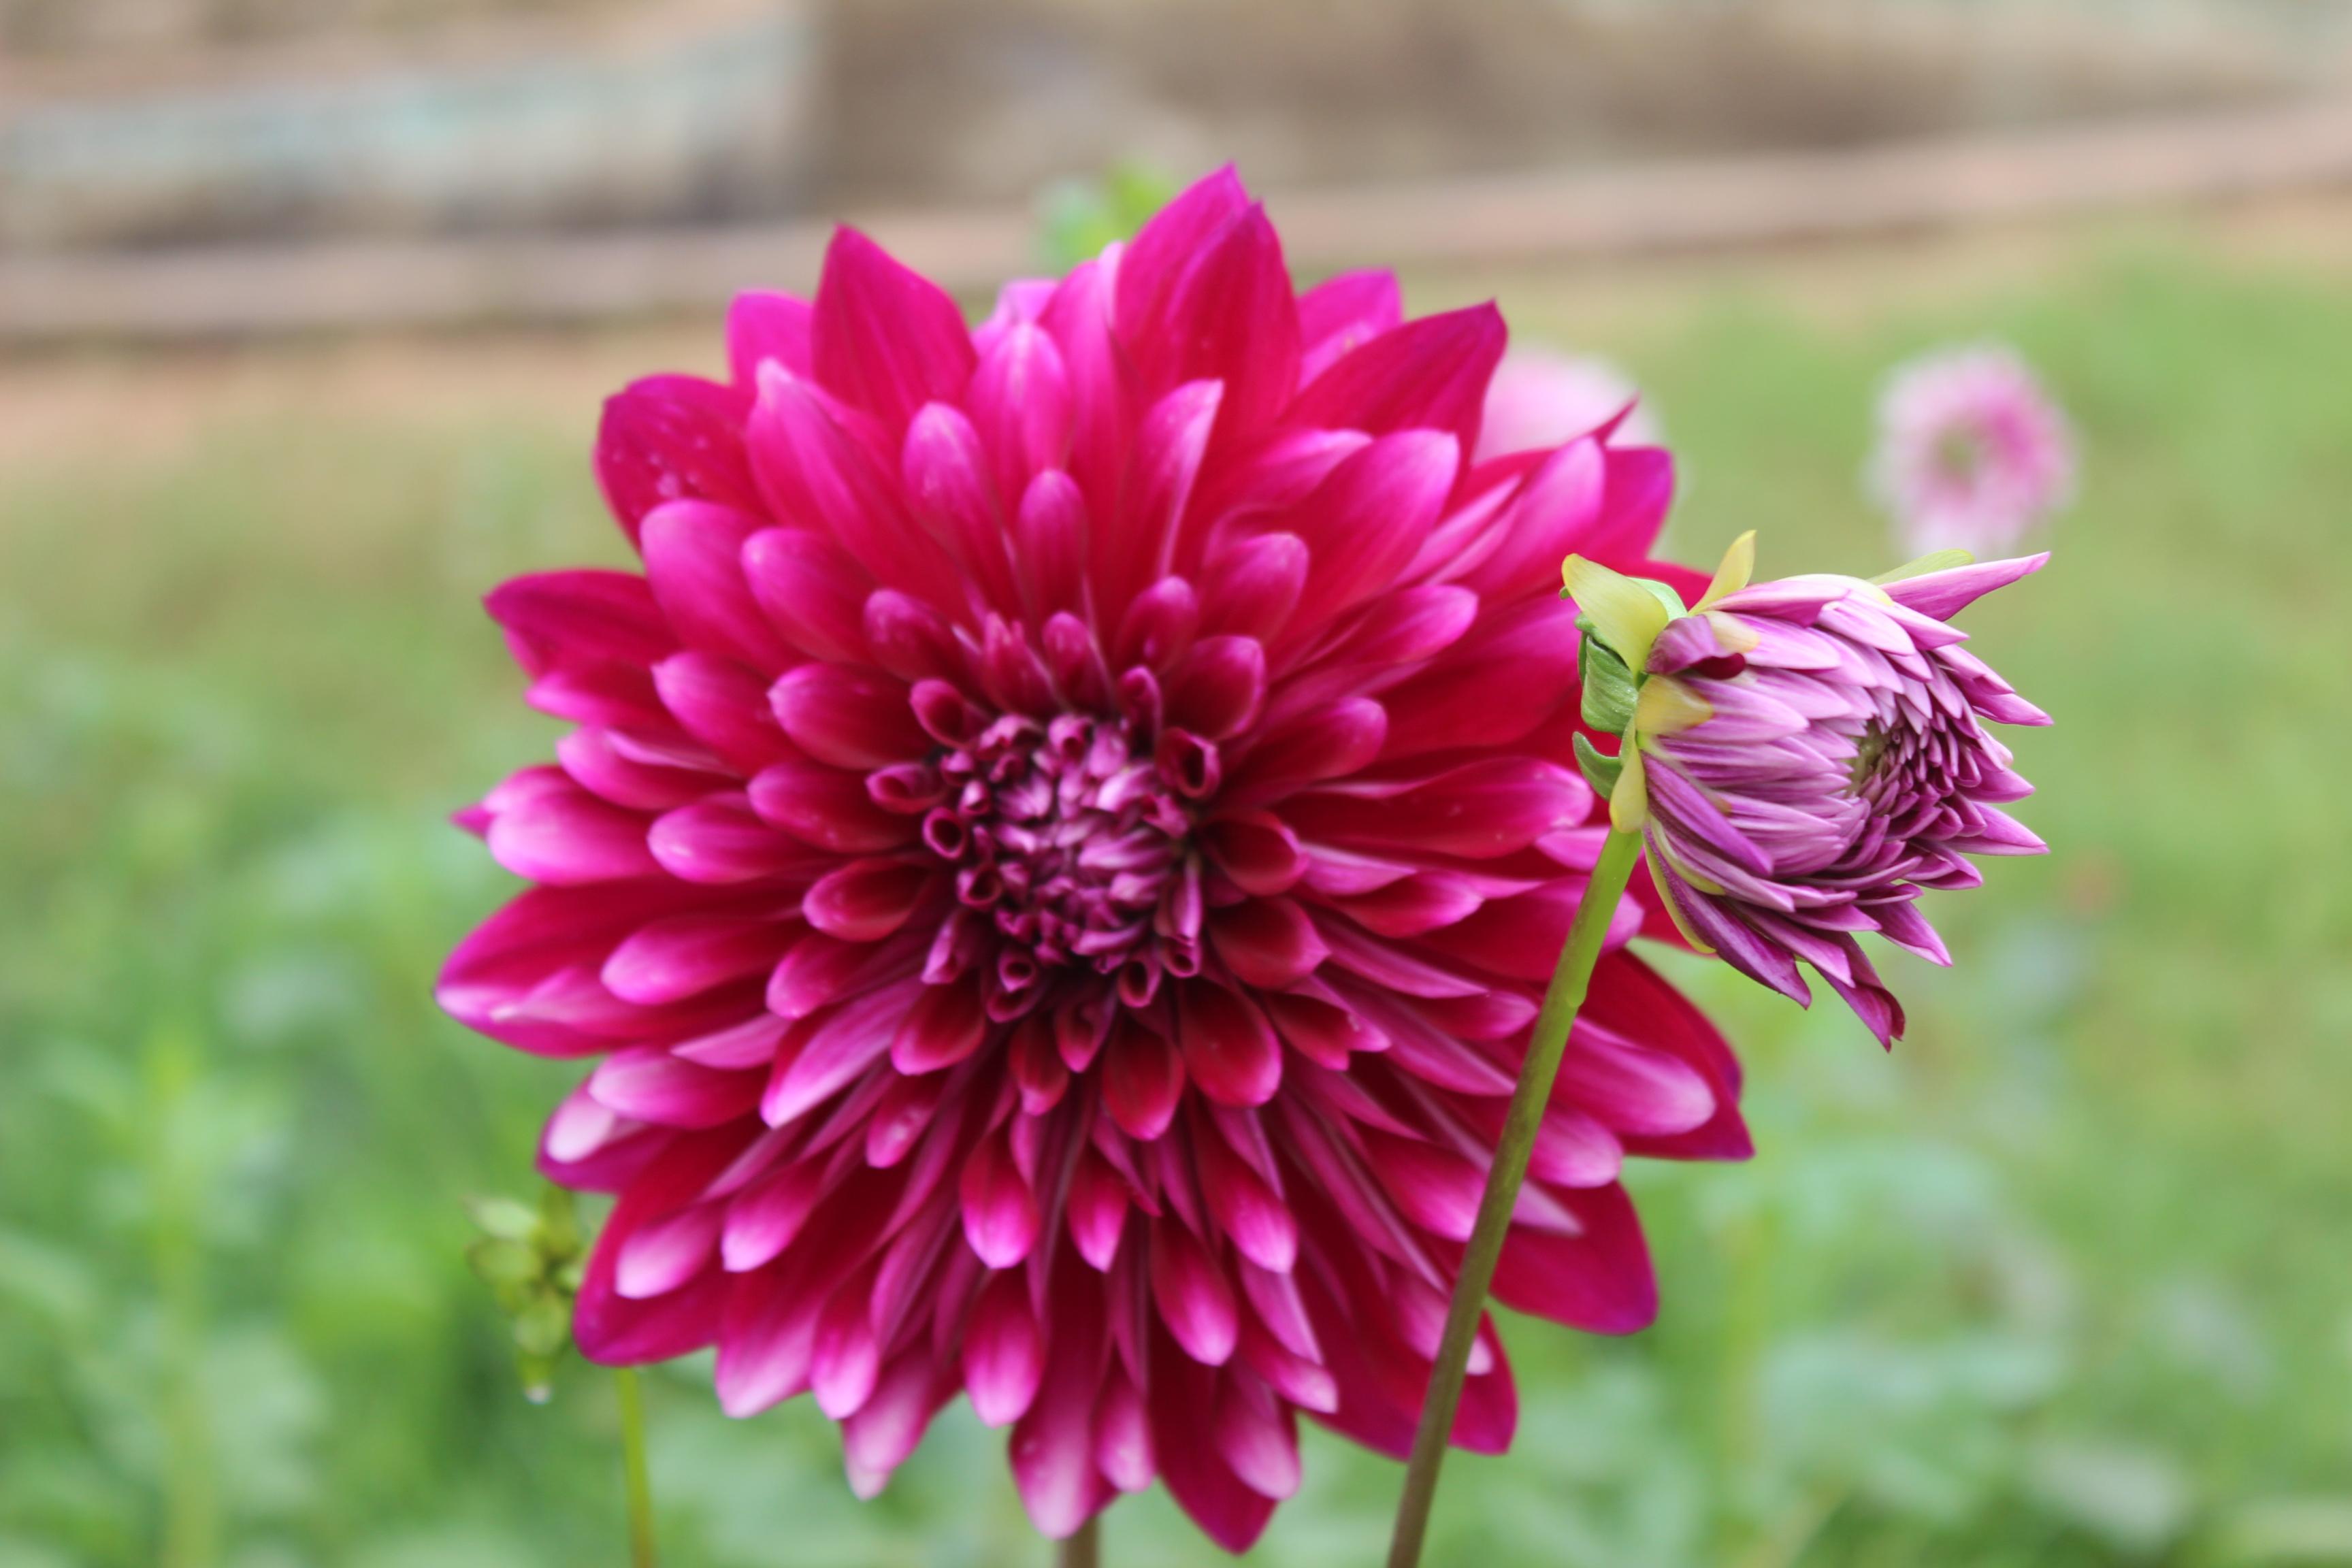 Filespectacular garden flower dahliag wikimedia commons filespectacular garden flower dahliag izmirmasajfo